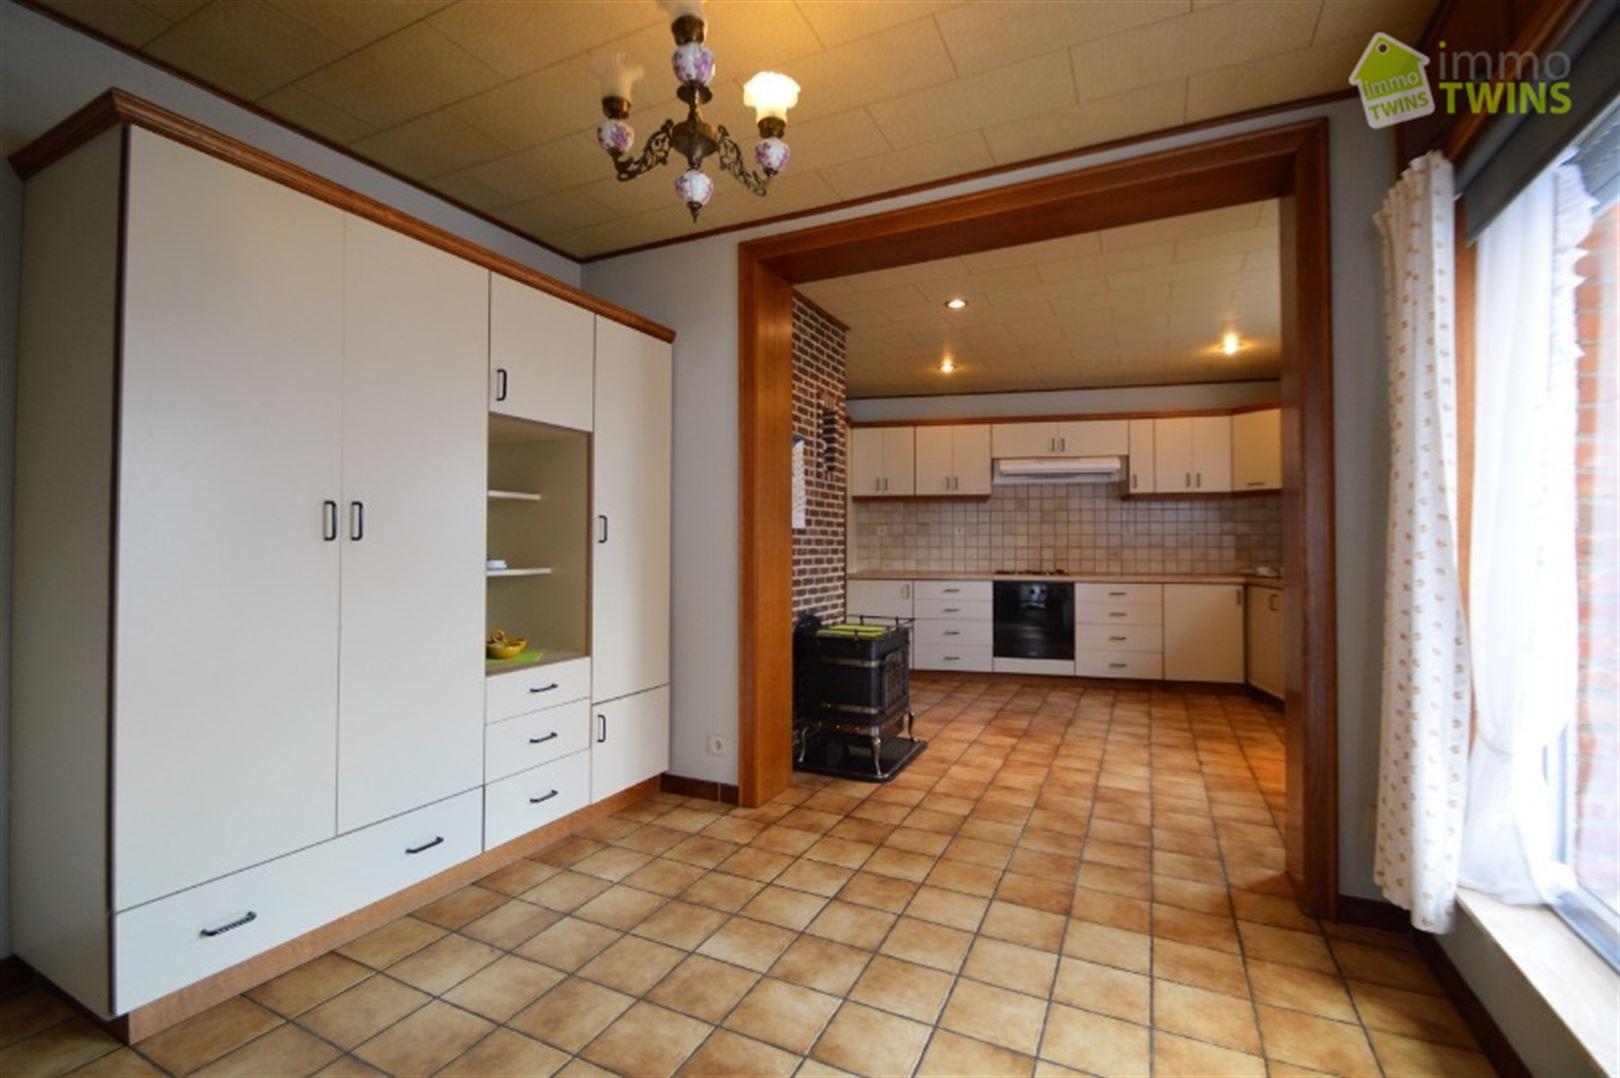 Foto 5 : Appartement te 9200 Oudegem (België) - Prijs € 700